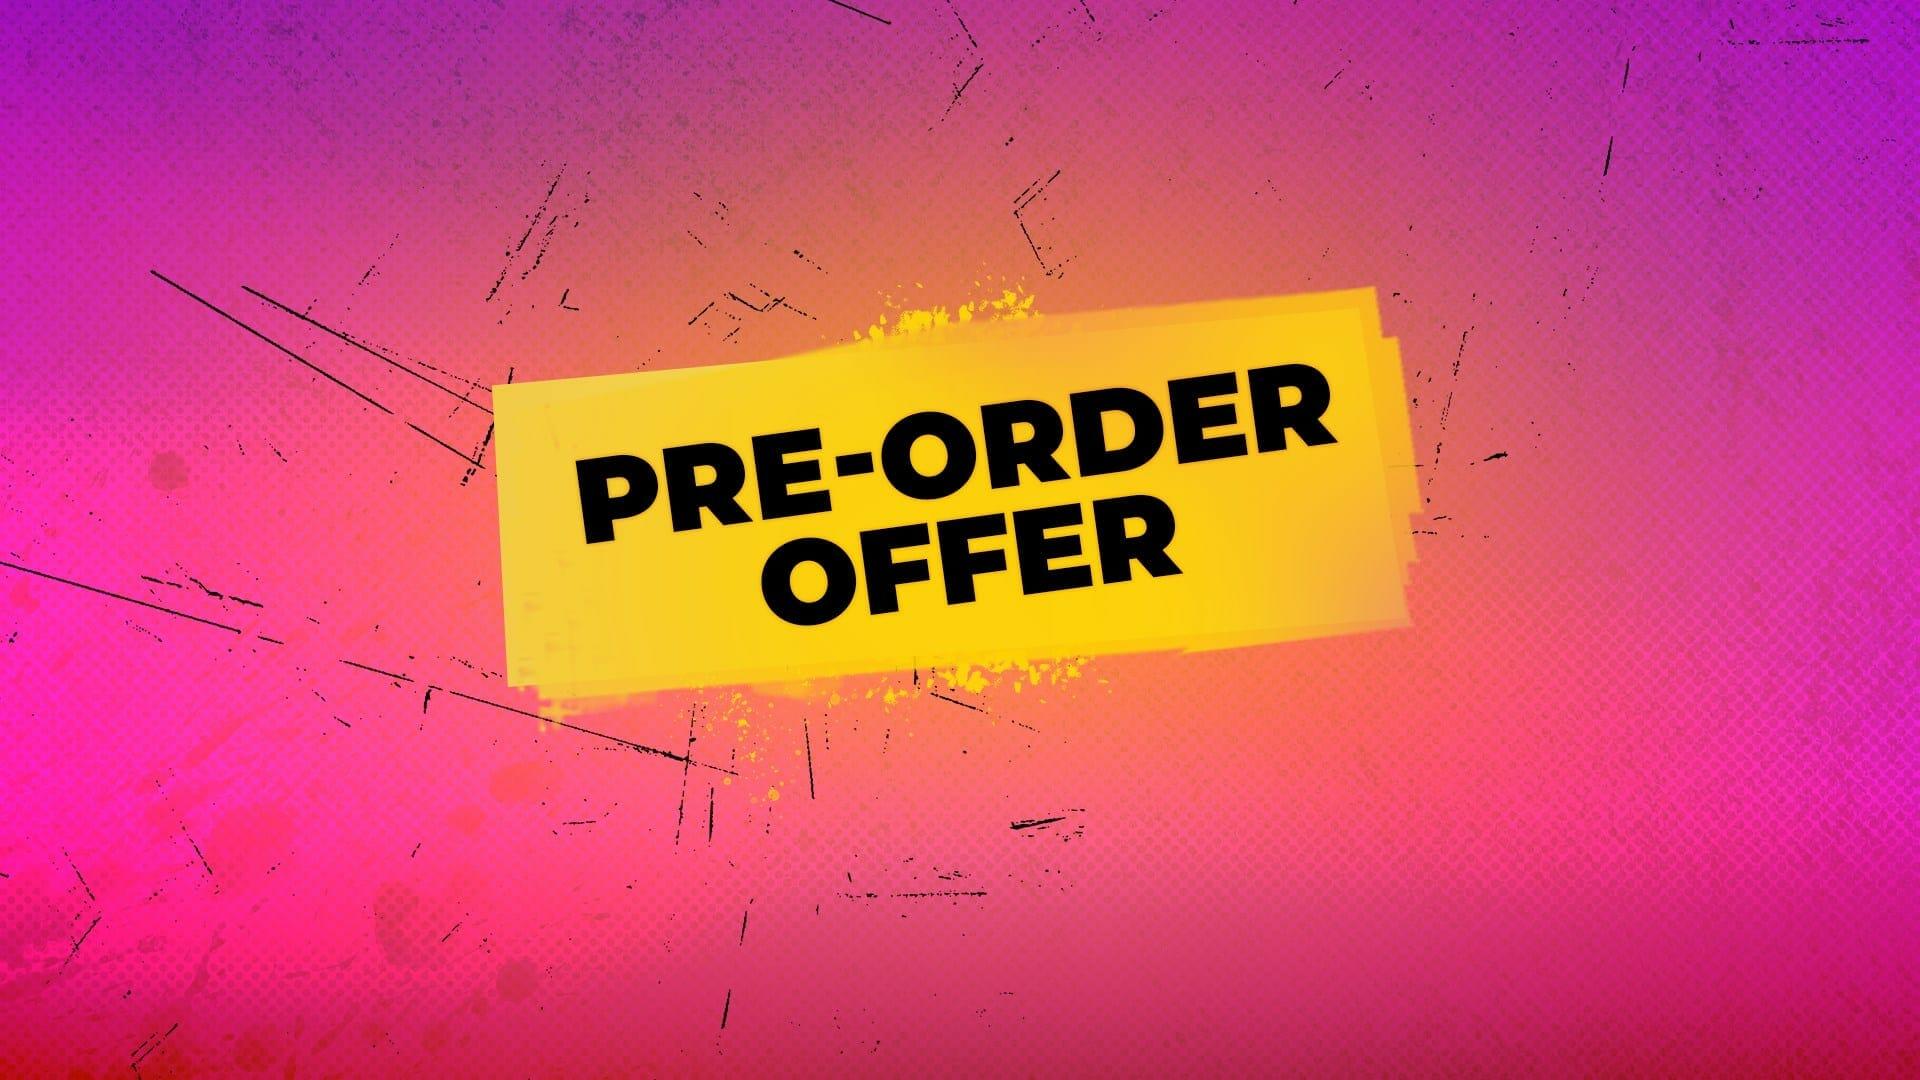 Dirt 5 Pre-Order Bonus